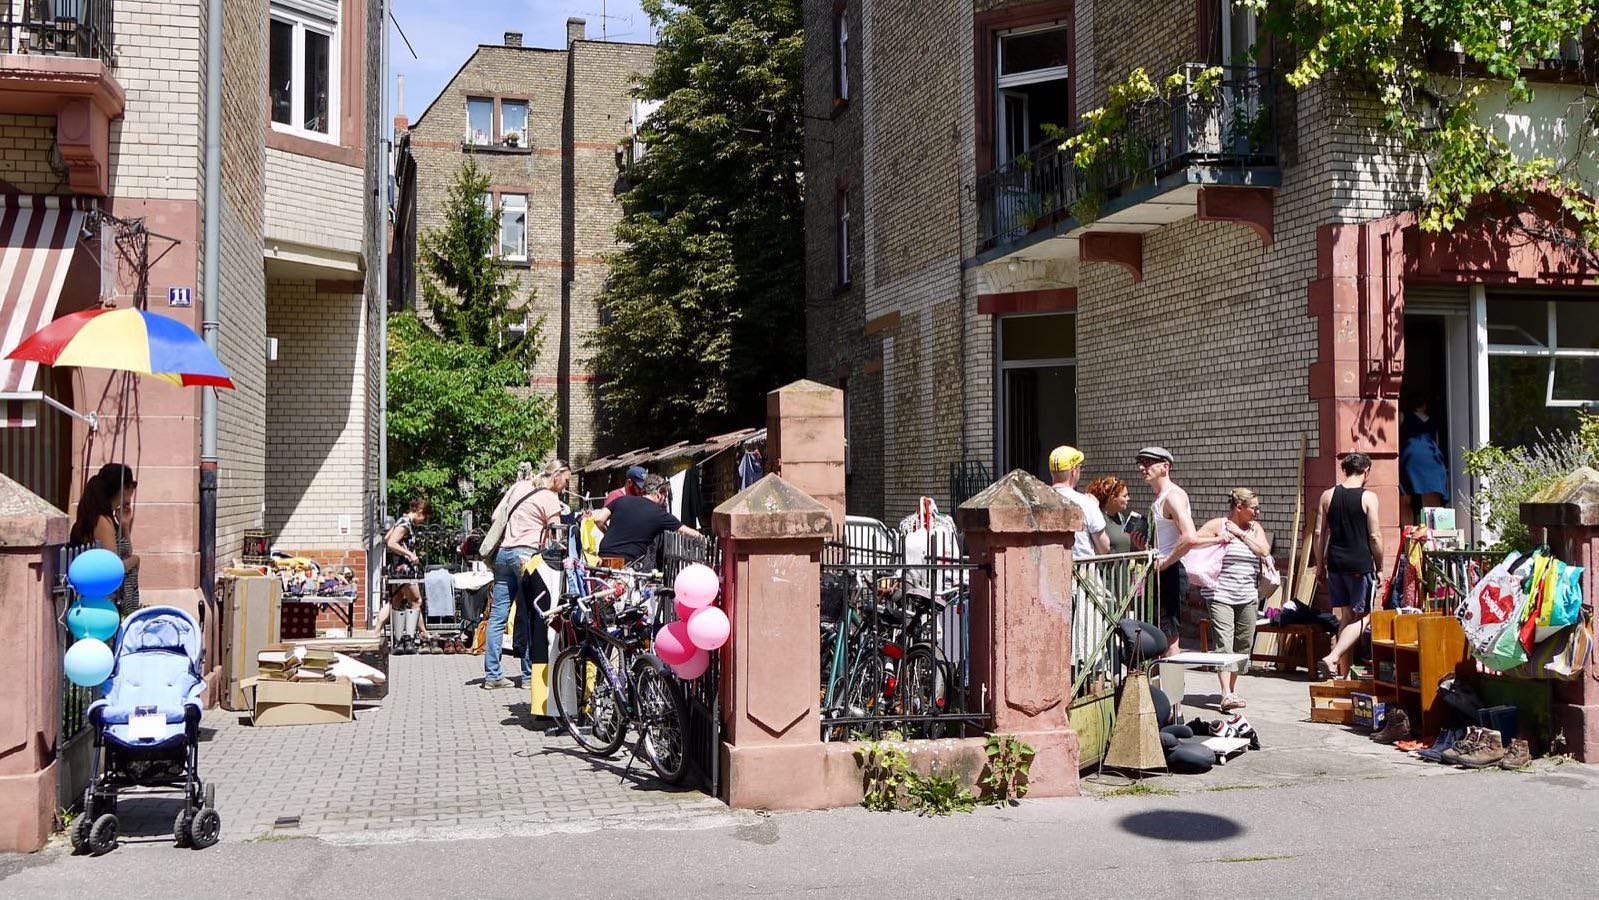 Im Bereich um die Uhlandstraße war wieder am meisten los | Foto: M. Schülke